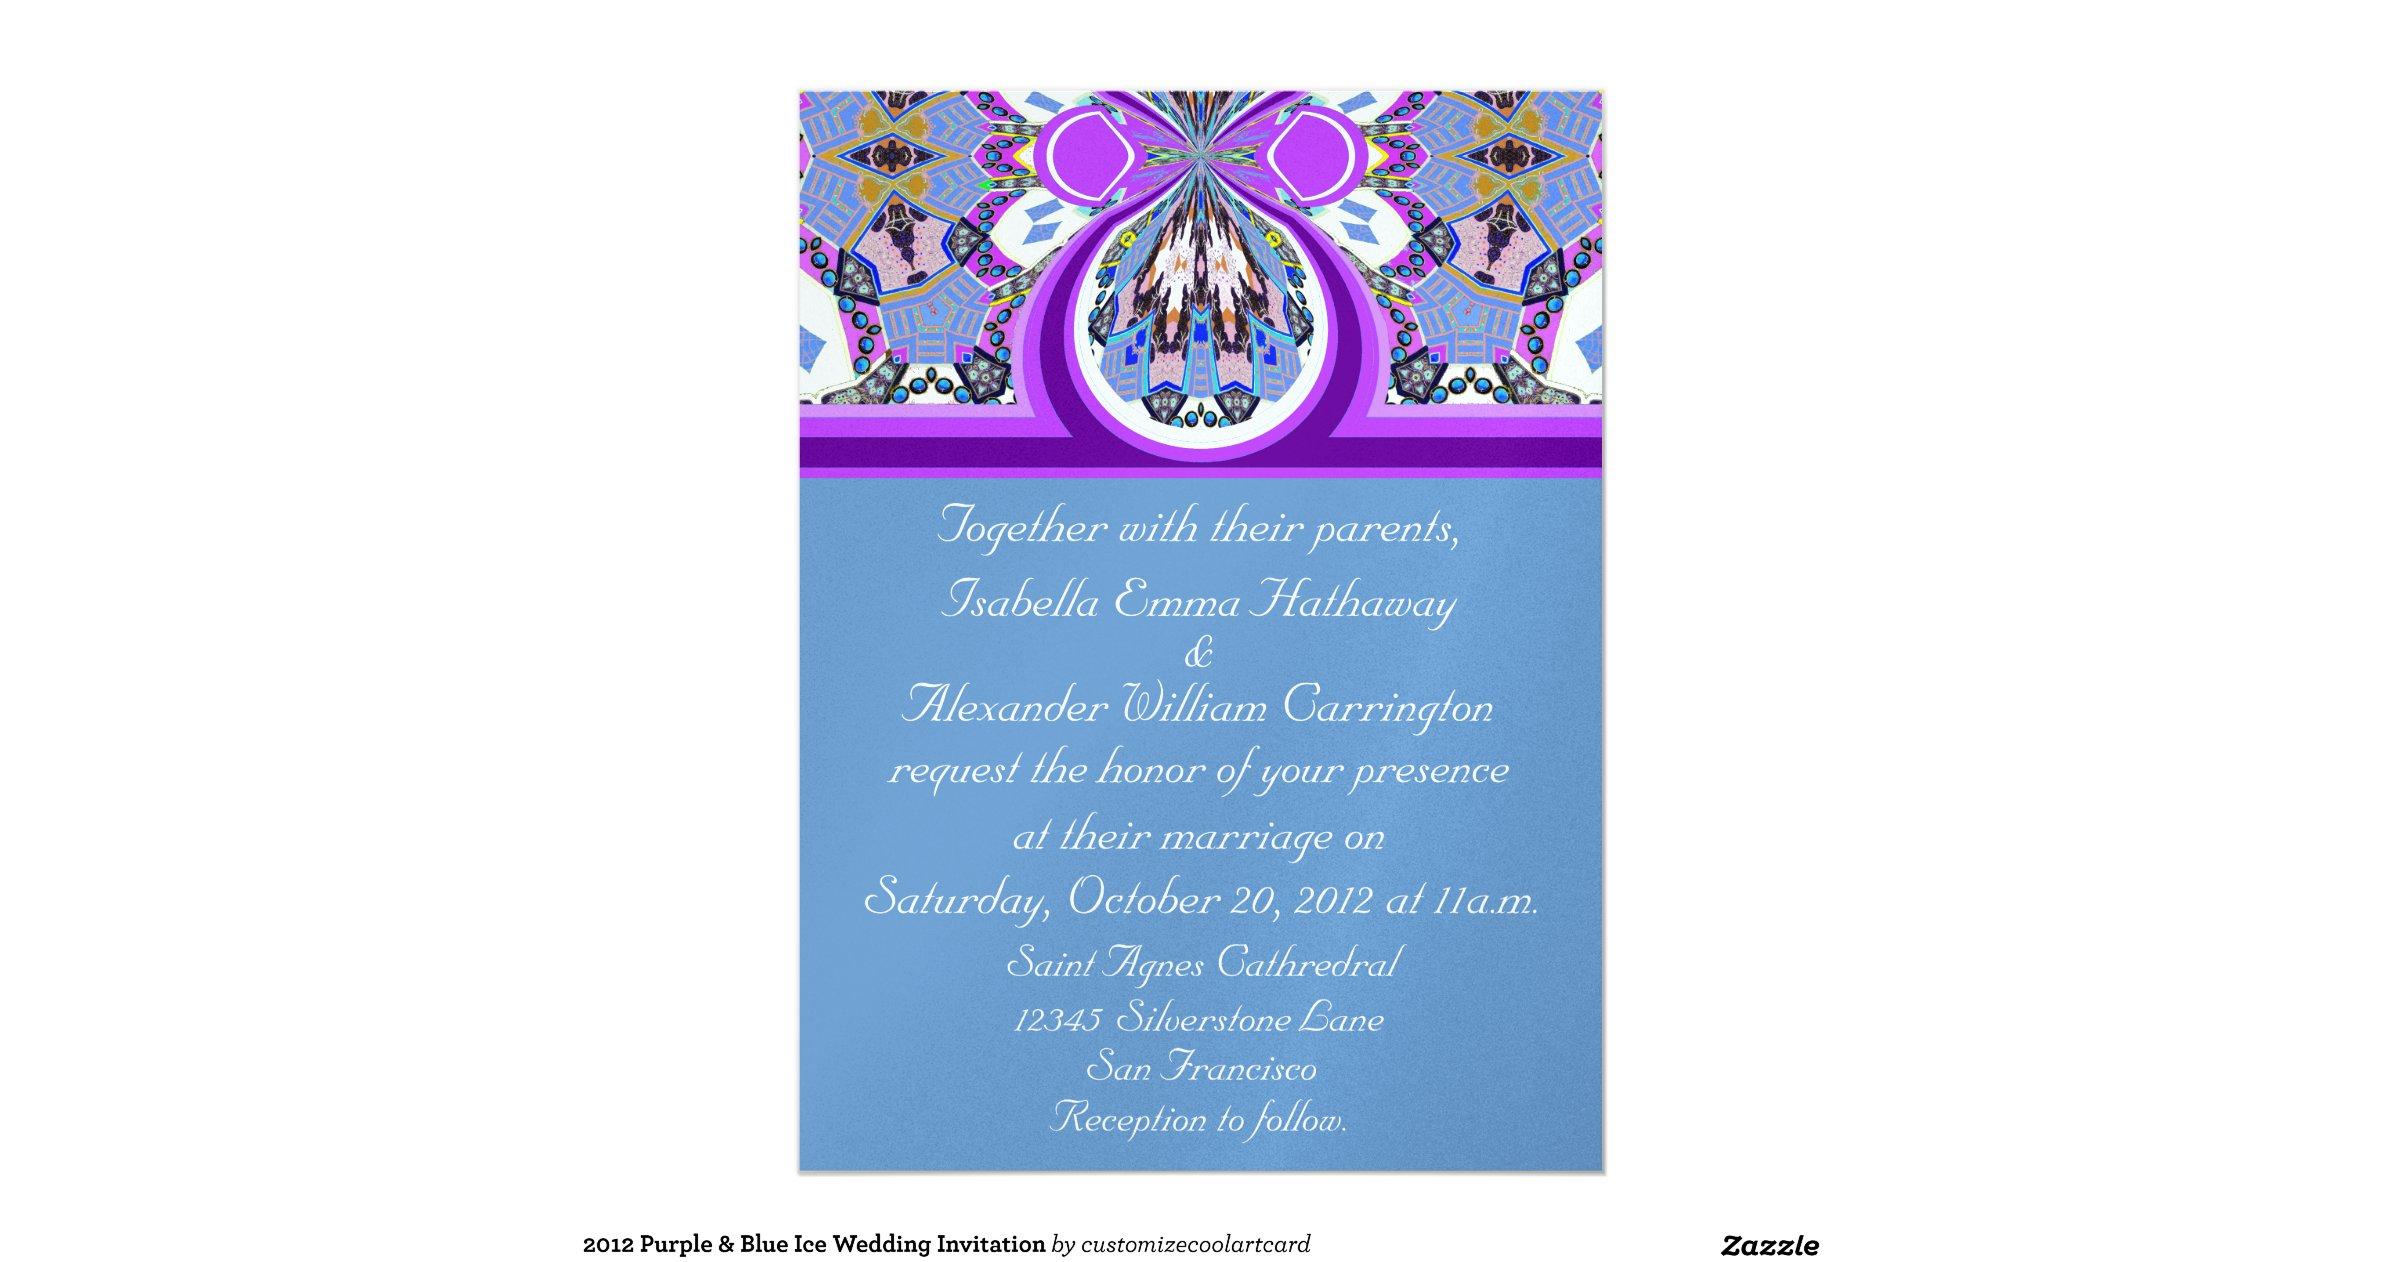 Purple And Blue Wedding Invitations: 2012 Purple & Blue Ice Wedding Invitation